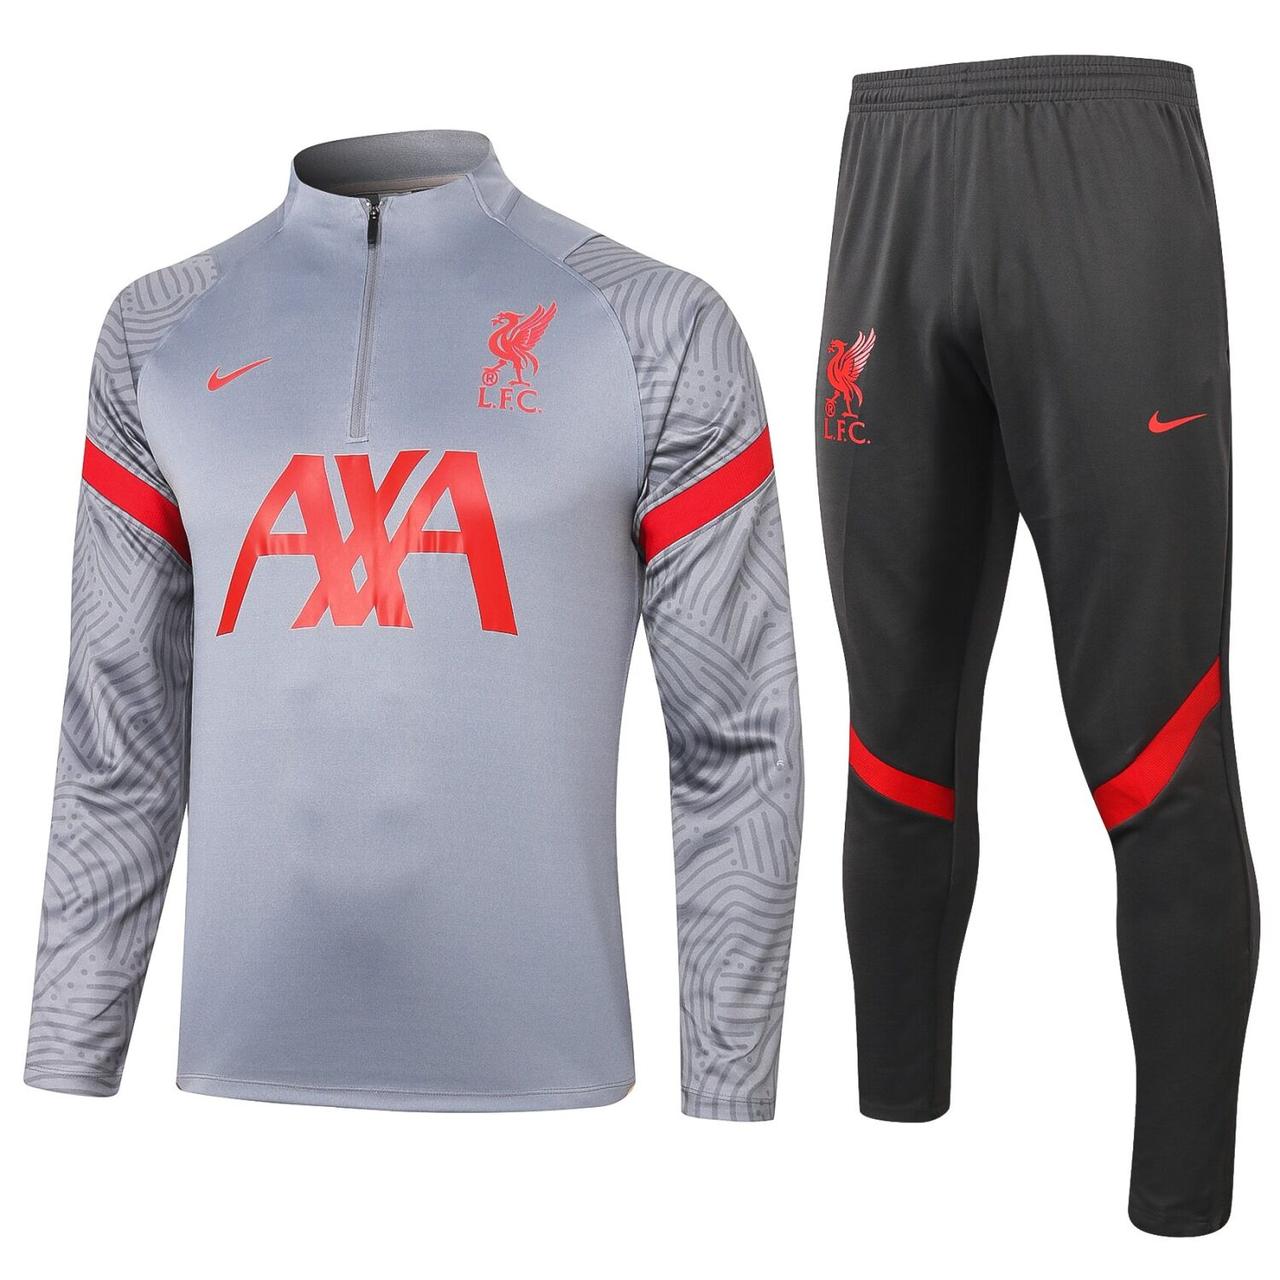 Тренировочный костюм FC Ливерпуль Nike 2020/21 light grey